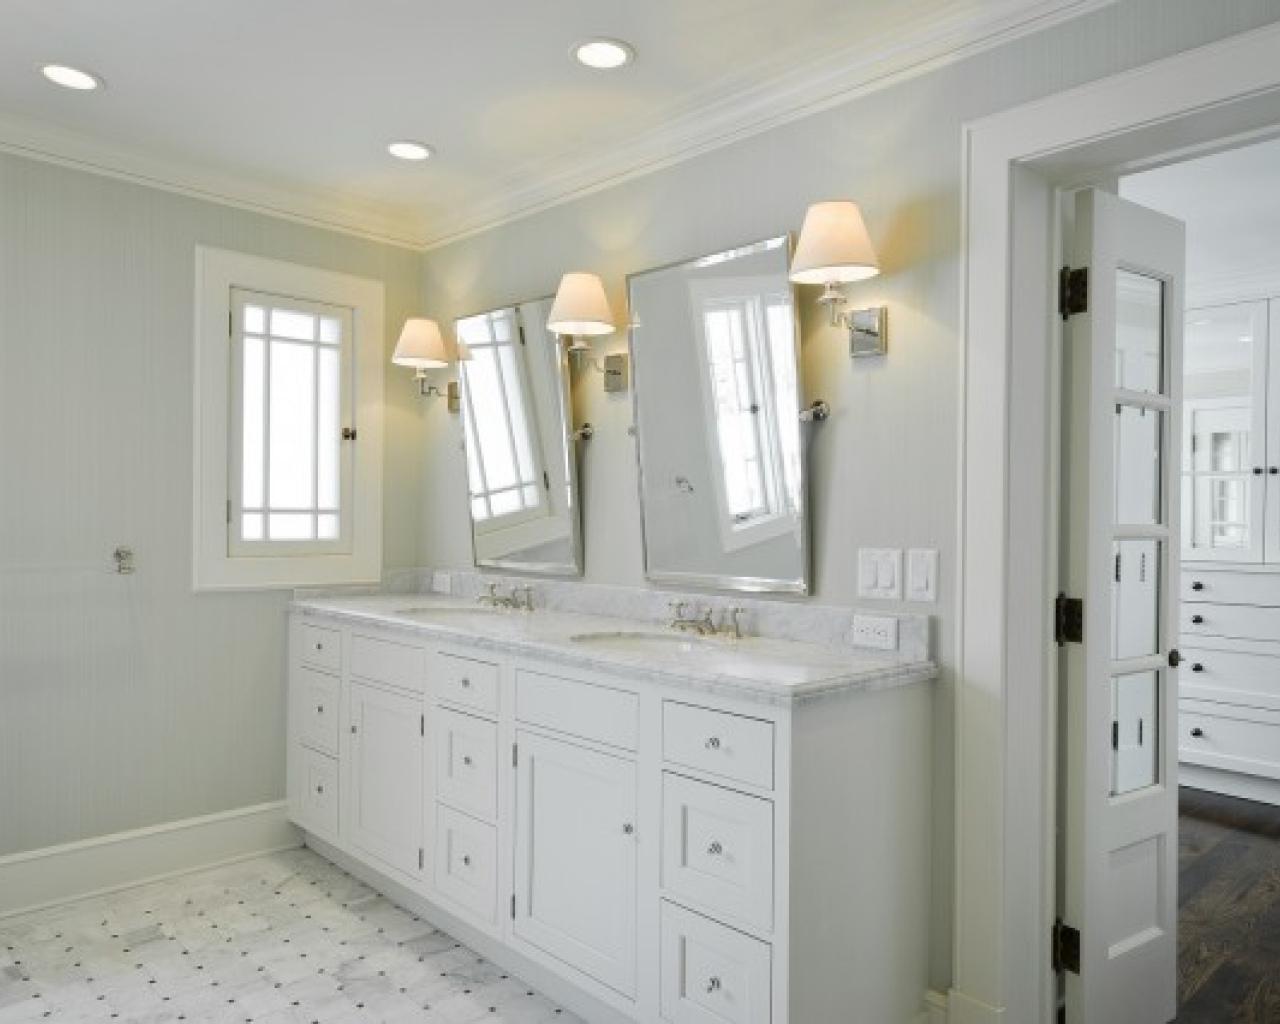 Bathroom Cabinets : Astonishing Twin Bathroom Vanity Mirrors Regarding Bathroom Vanity Mirrors (Image 3 of 20)